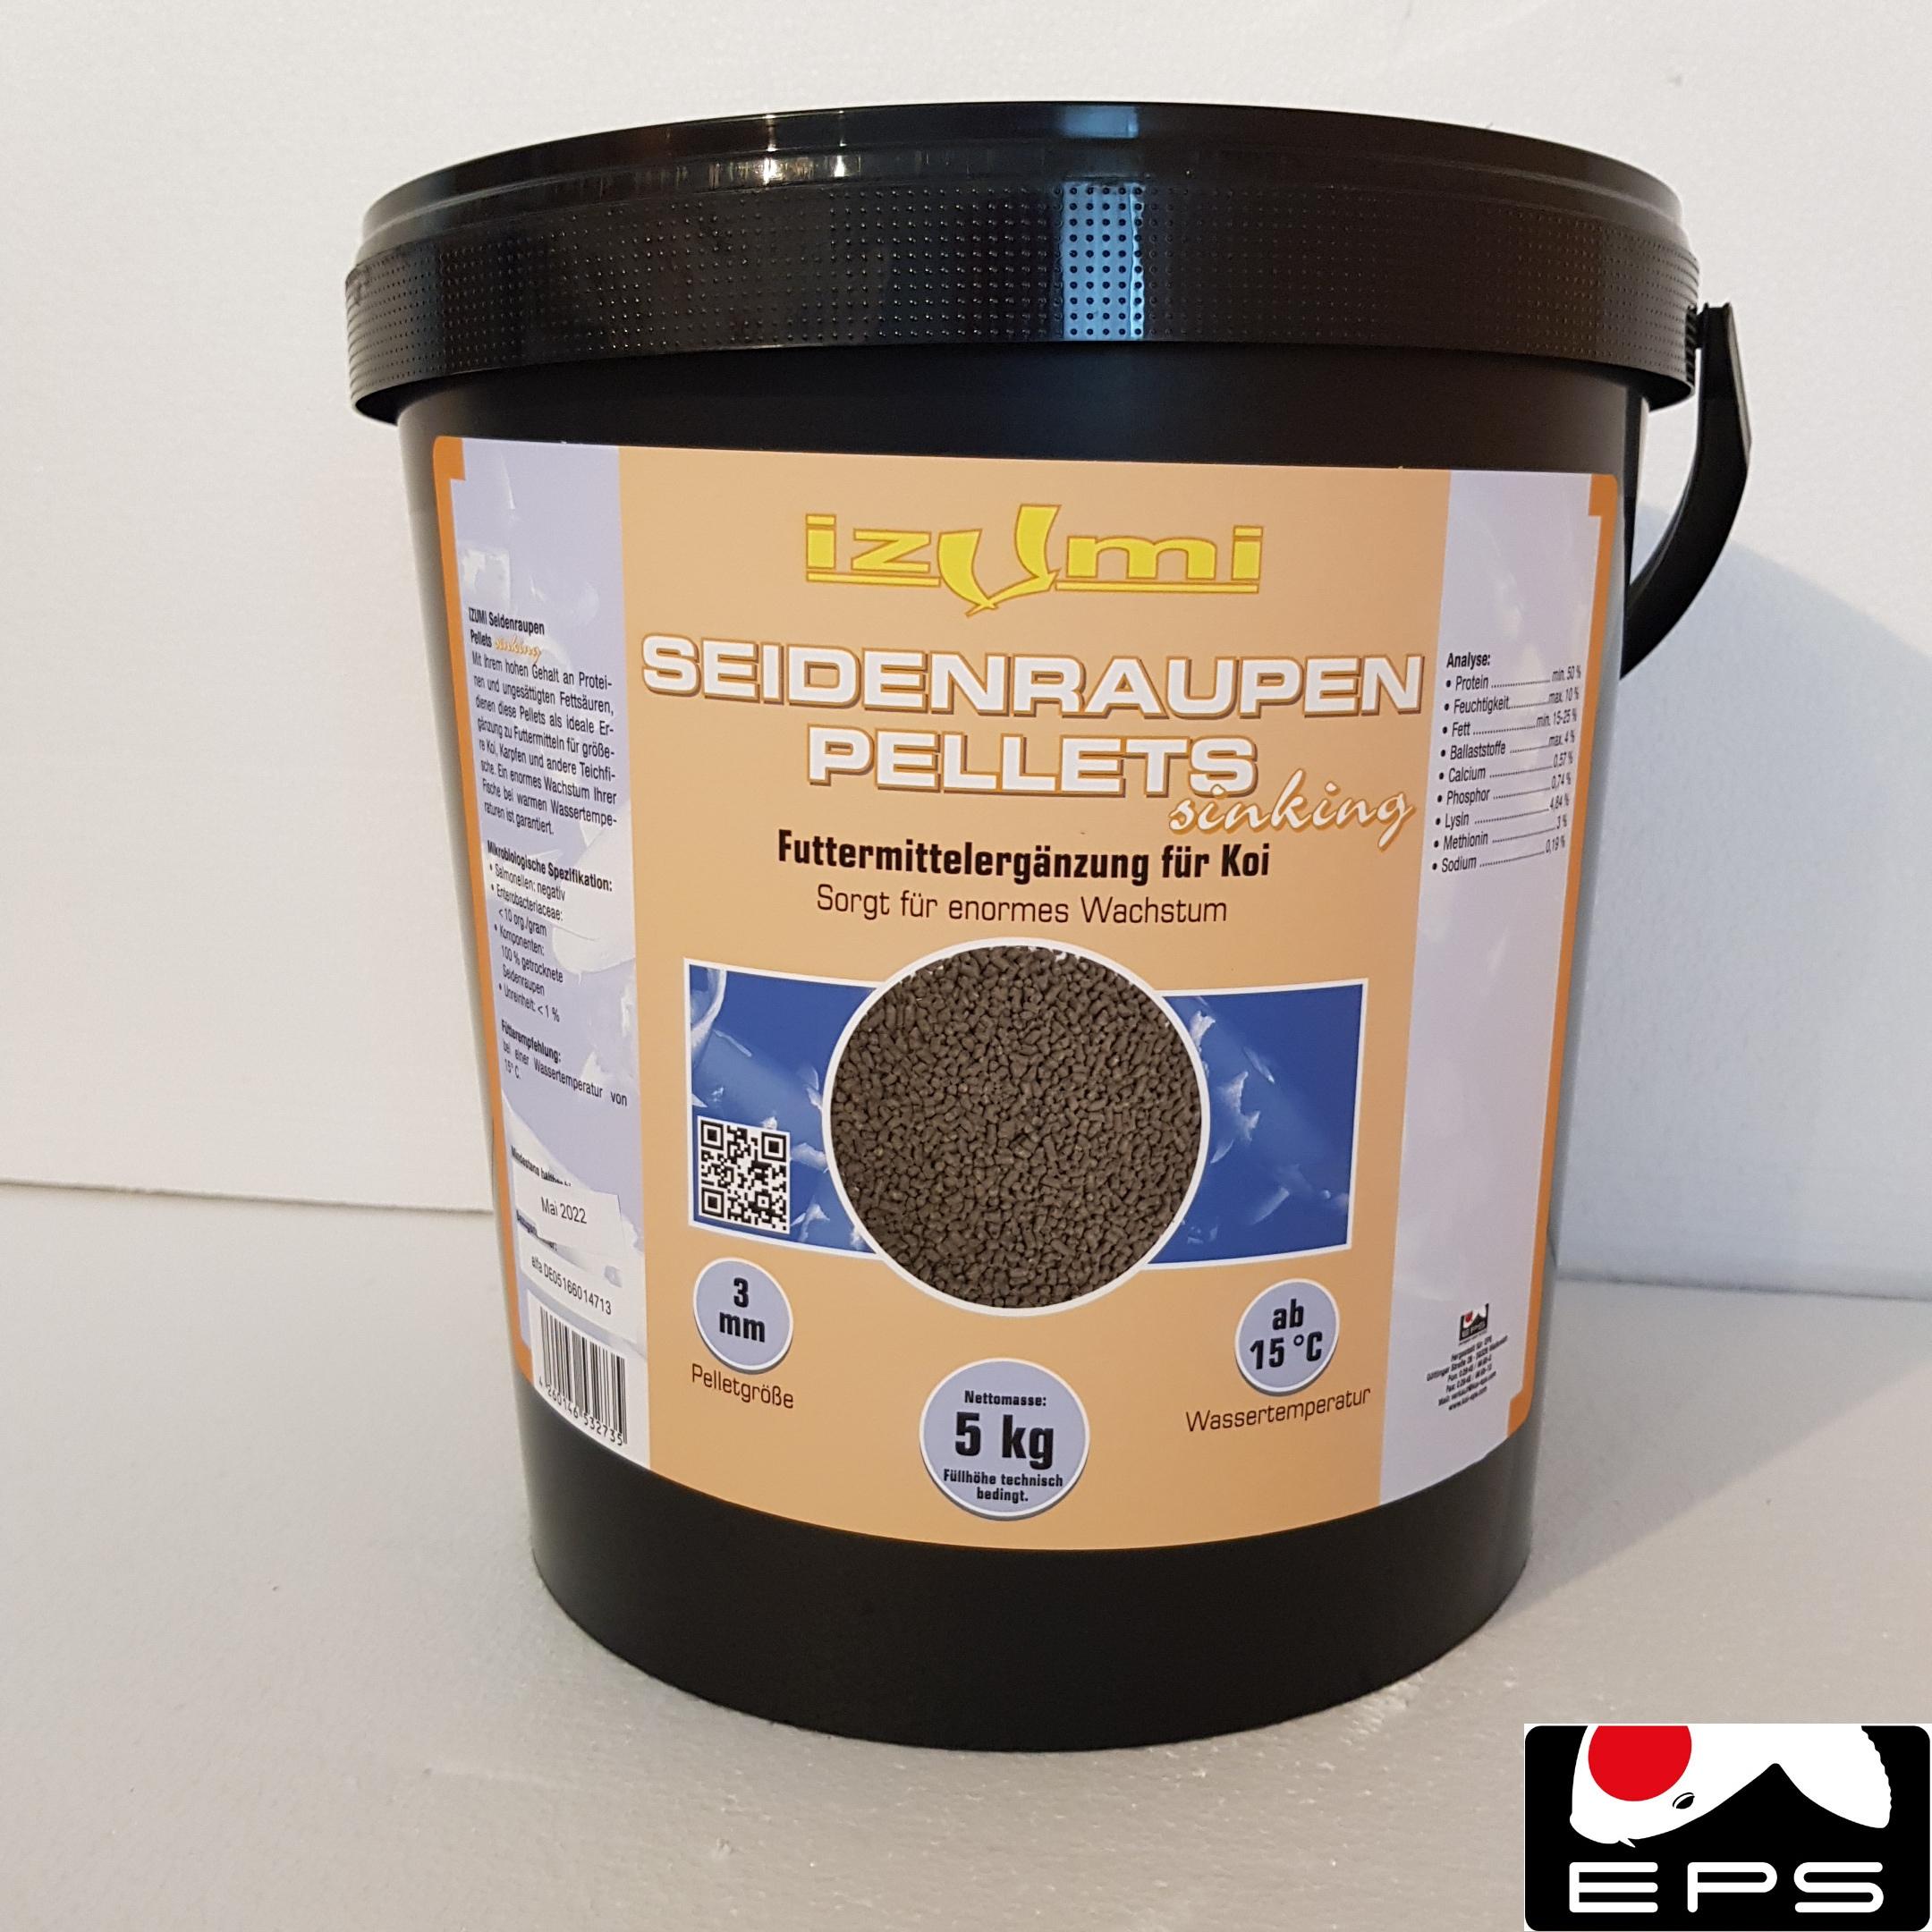 Izumi Seidenraupen Pellets 5 kg - sinkend